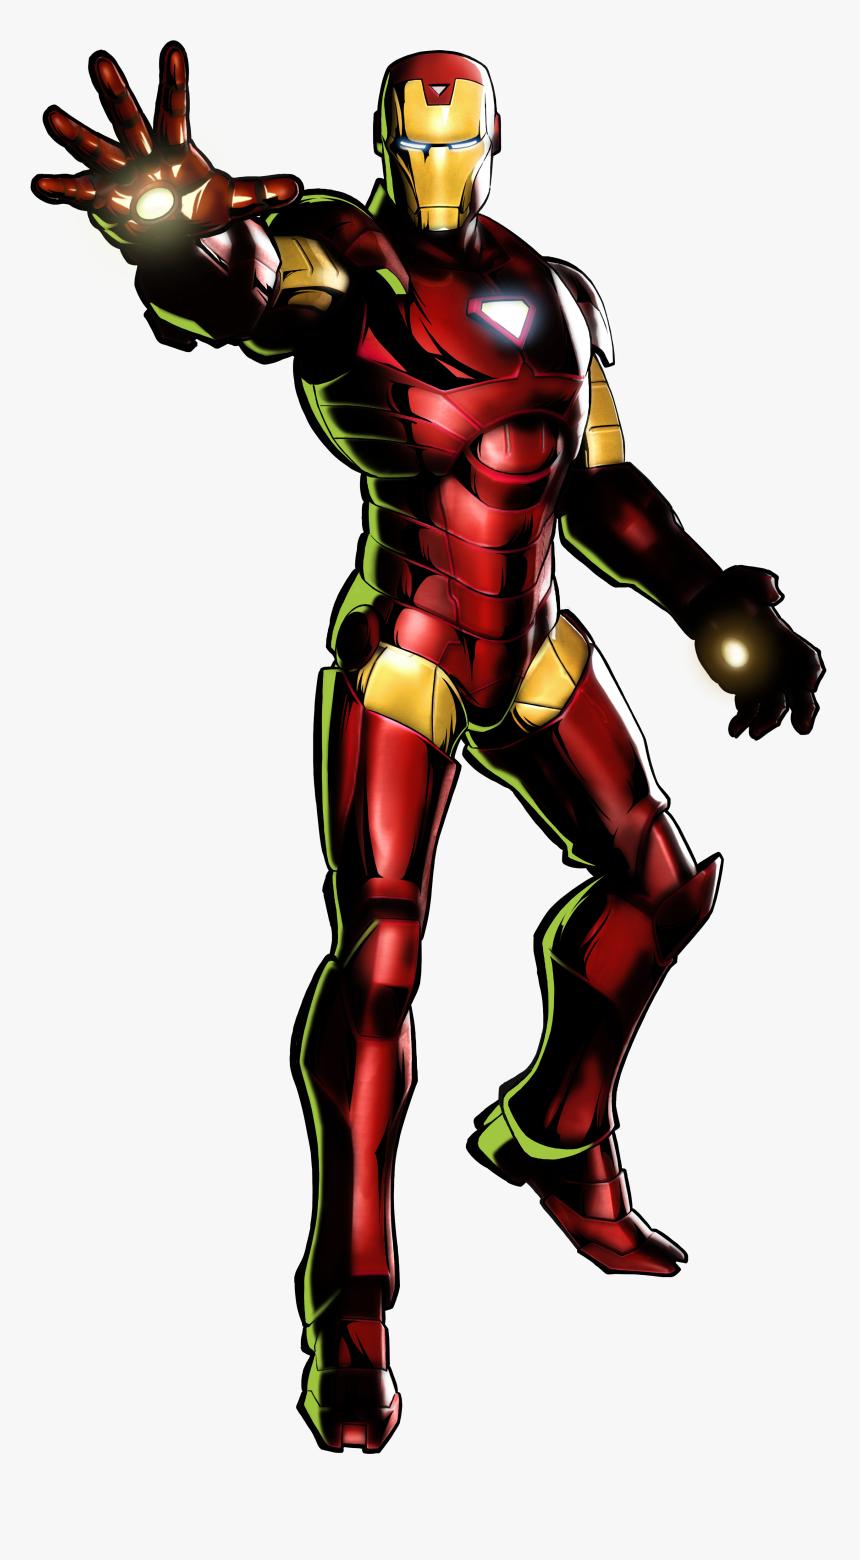 Marvel Vs Capcom 3 Iron Man, HD Png Download, Free Download